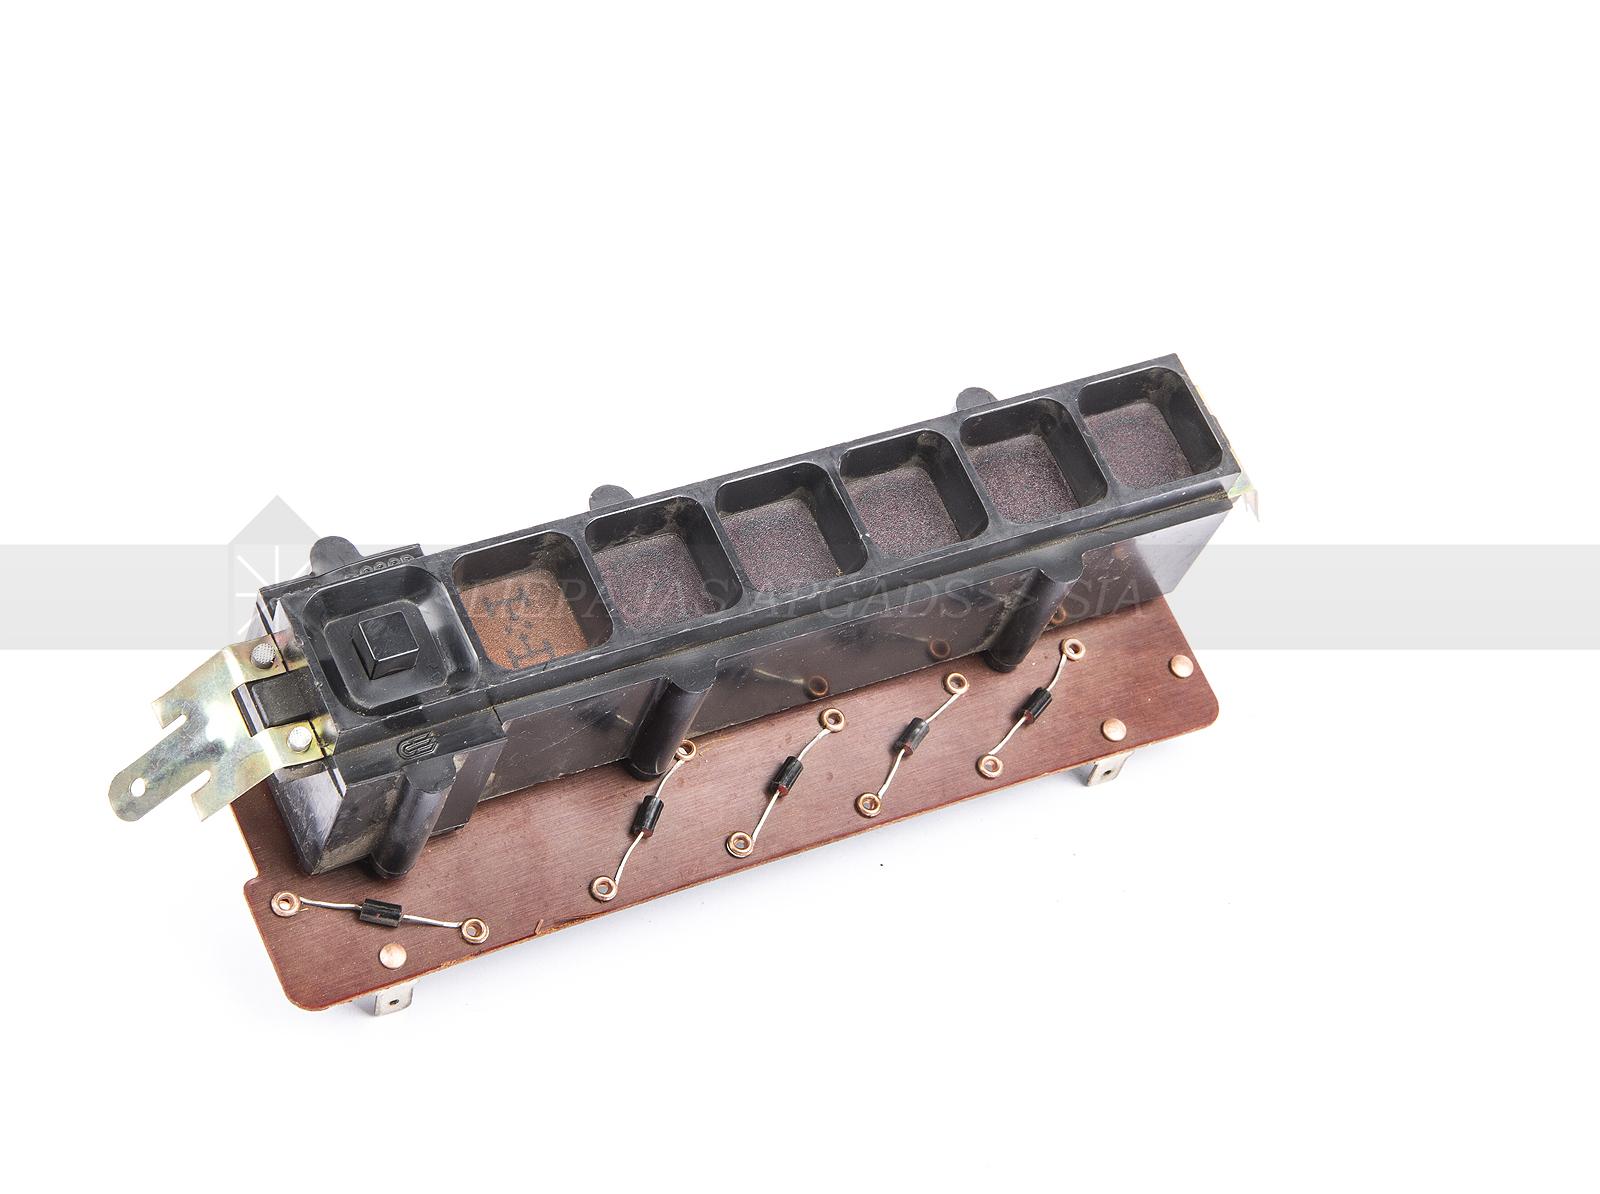 KONTROLLAMPU BLOKS 12V (TY.37.003.629-80)